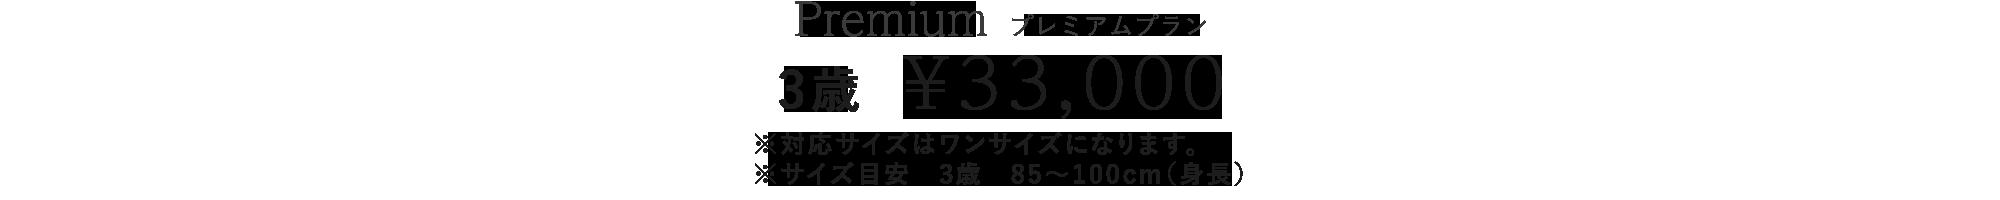 3歳33,000円プラン